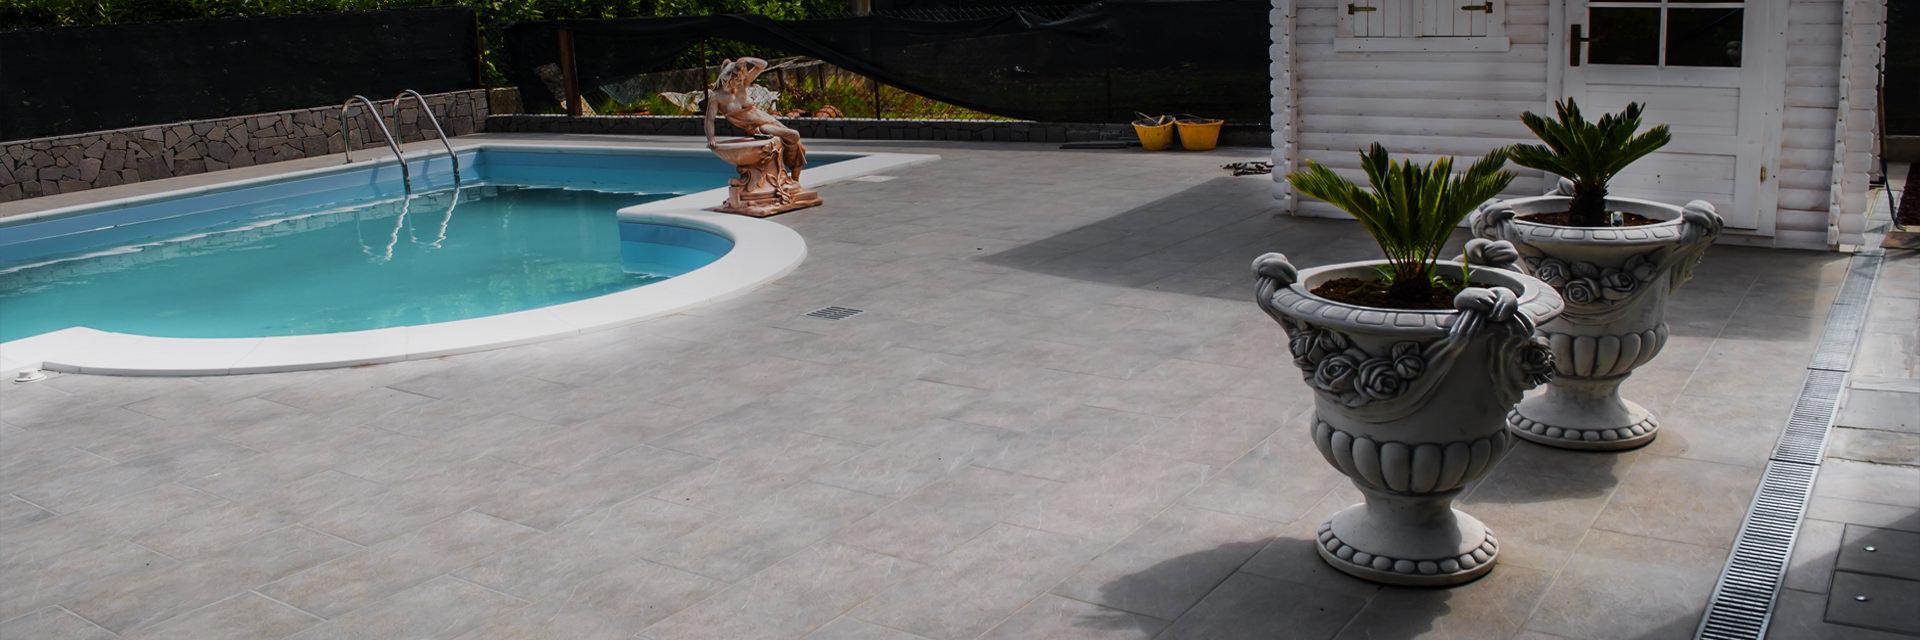 Pavimentazioni esterne in pietra naturale pavimentazione piastrelle - Piastrelle per piscina ...